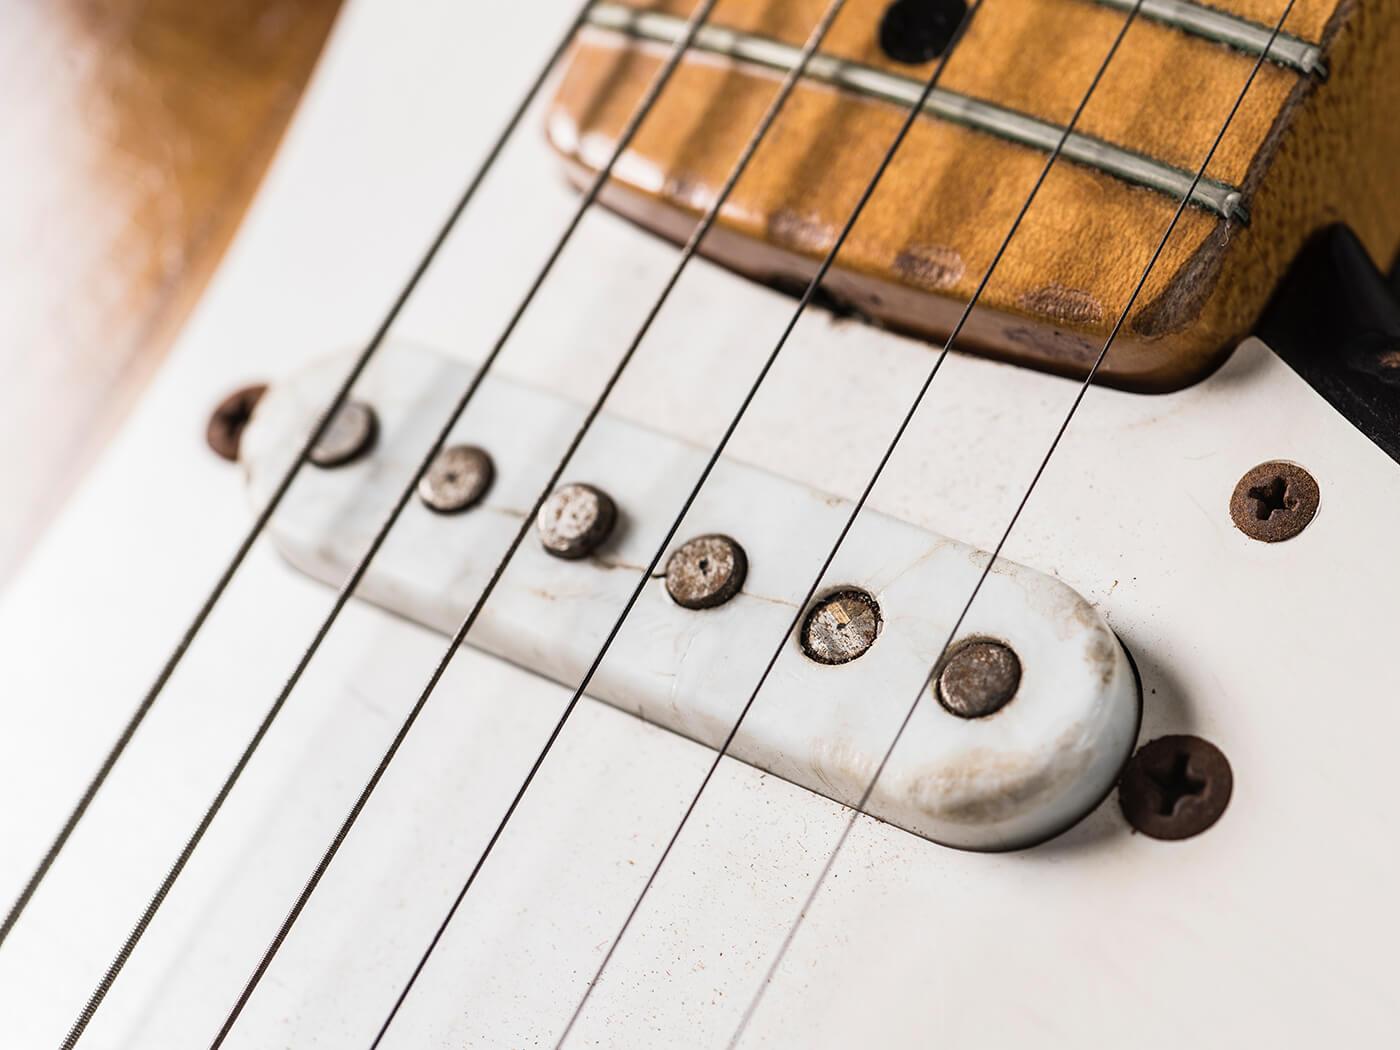 Gary Gand 1954 Fender Stratocaster (Neck Pickup)